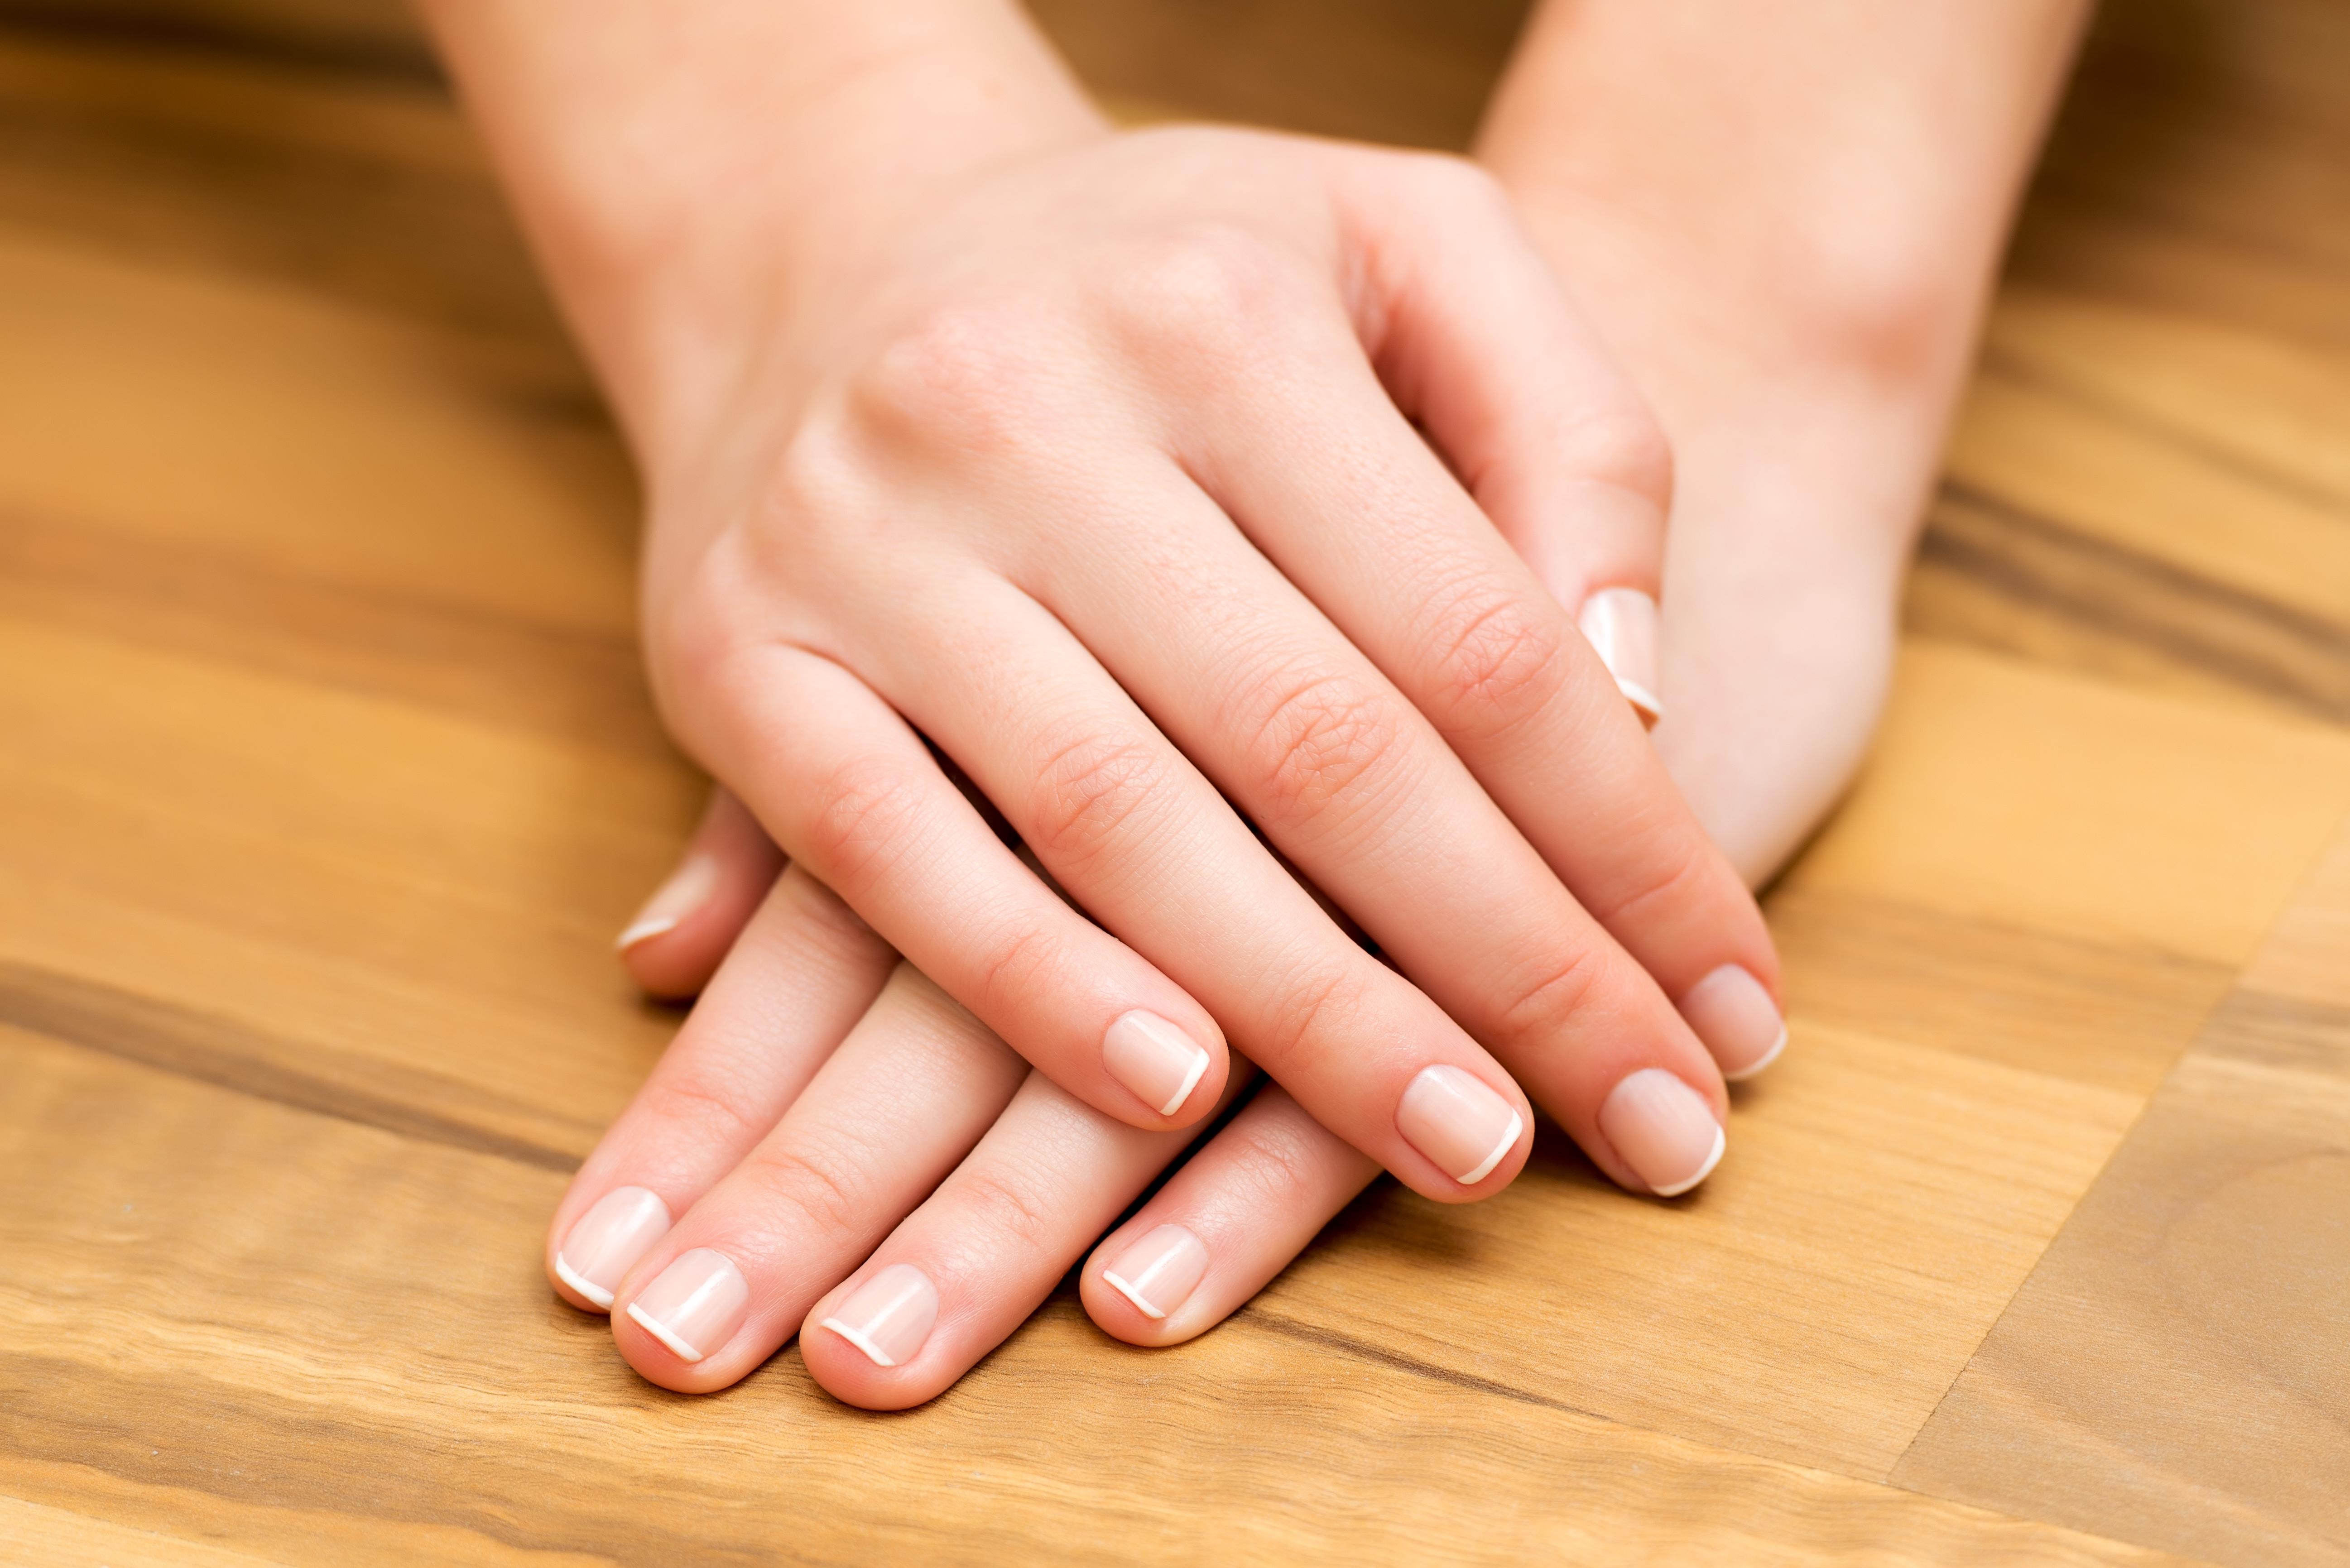 Маникюр на большом пальце руки фото